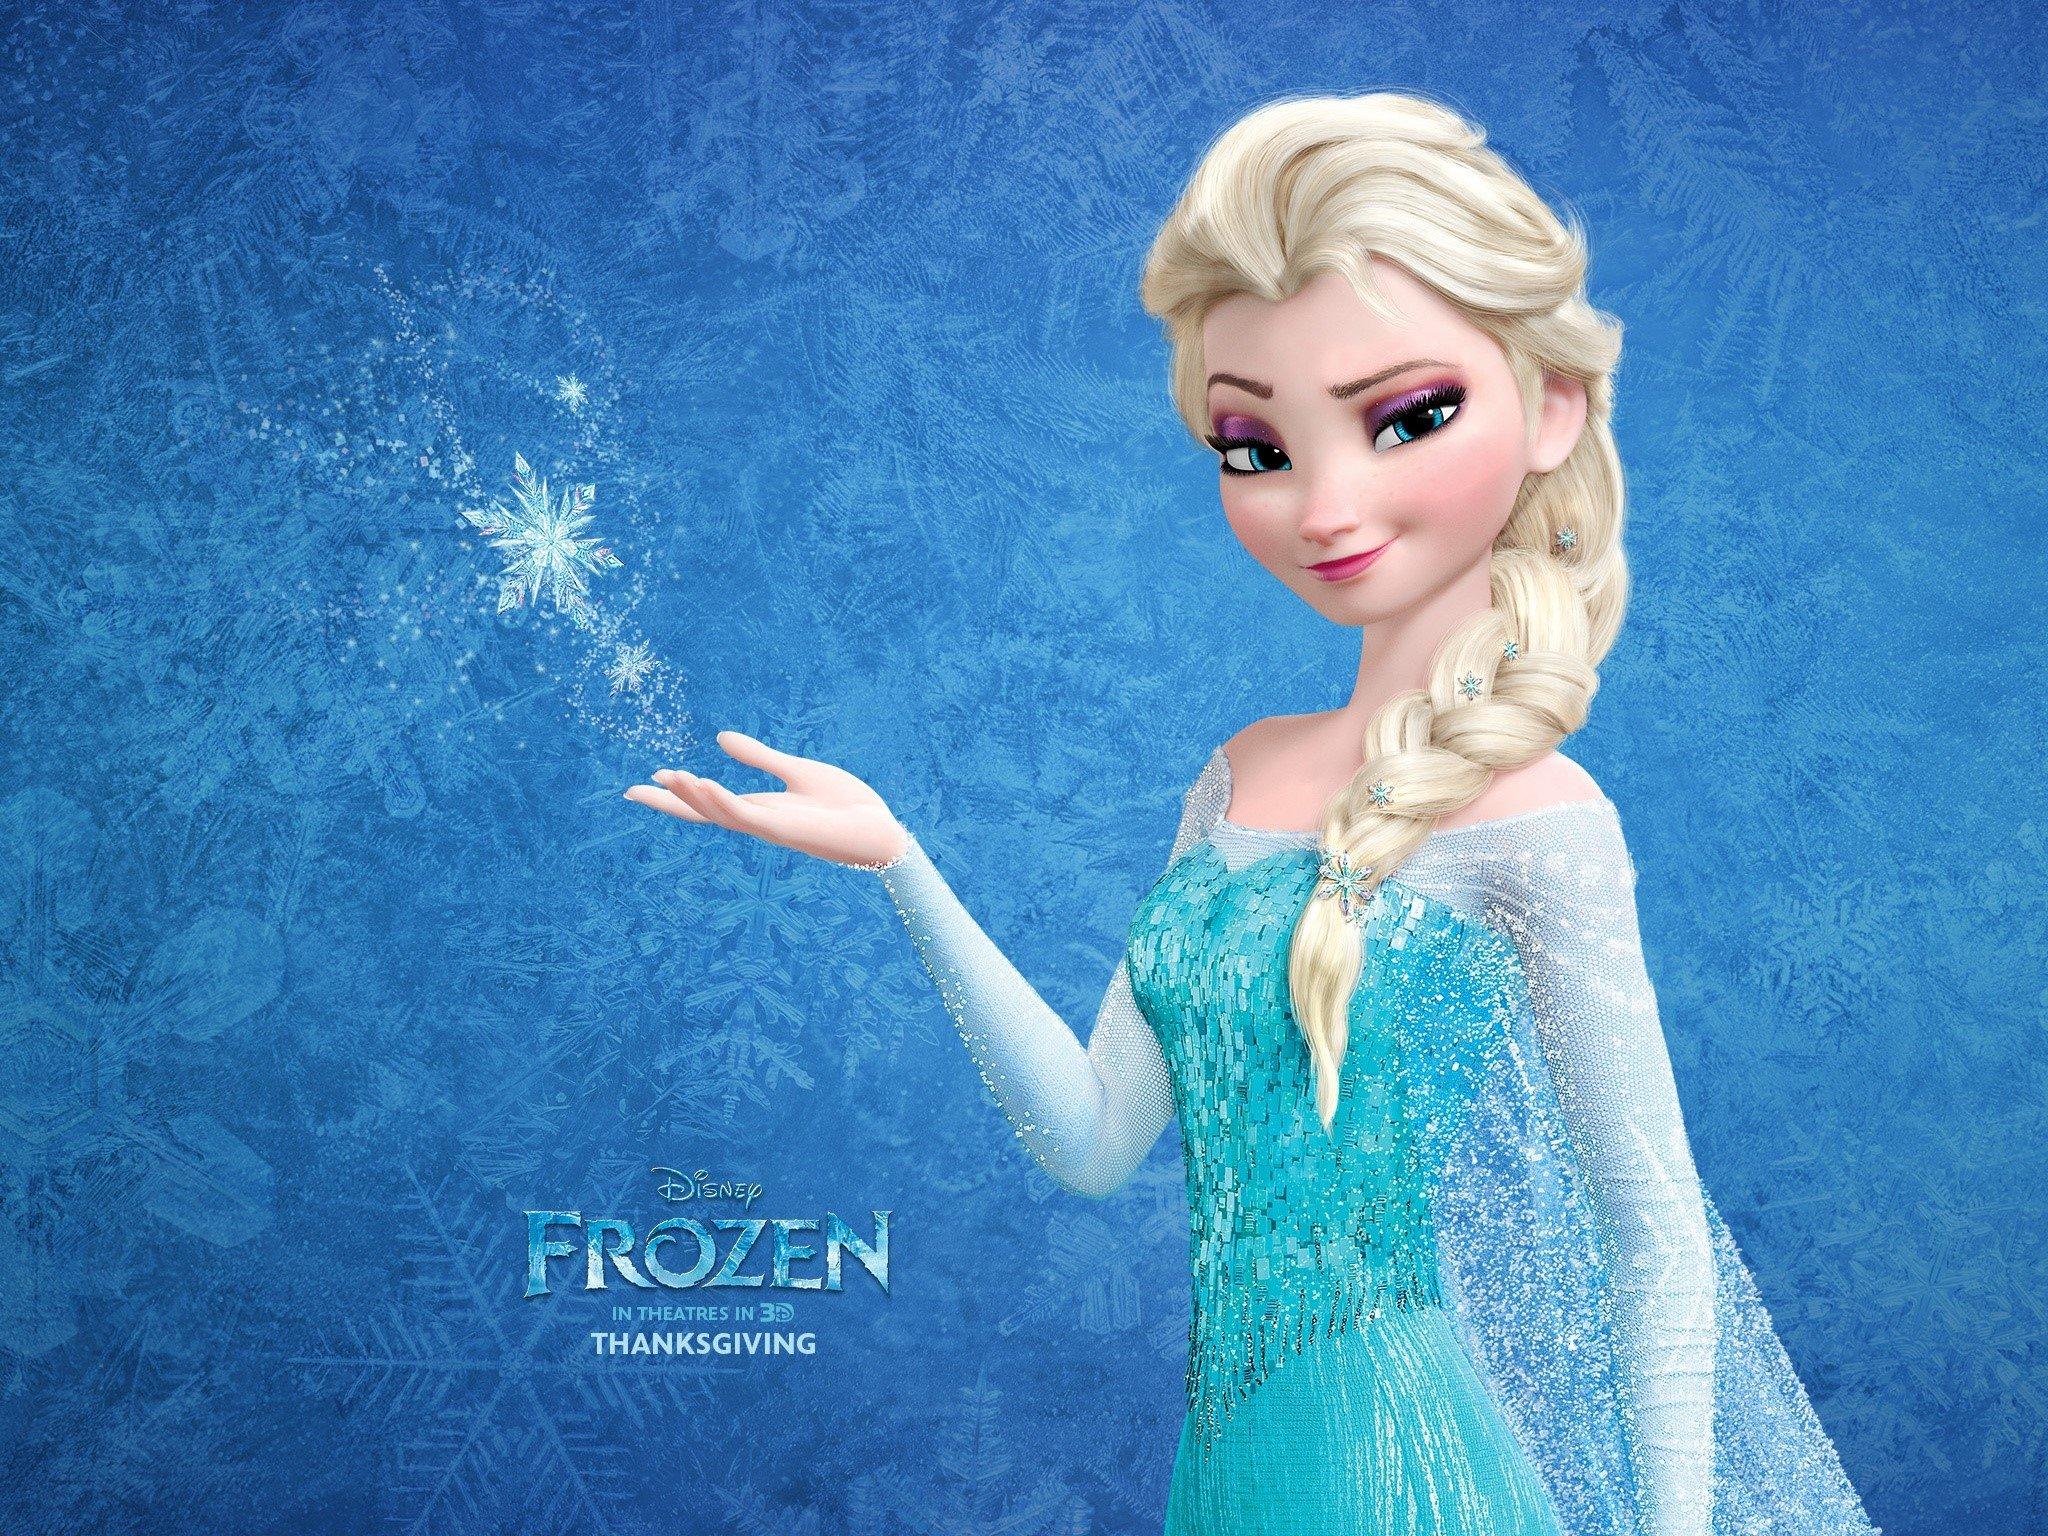 Fondos de pantalla Reina de hielo Elsa en Frozen